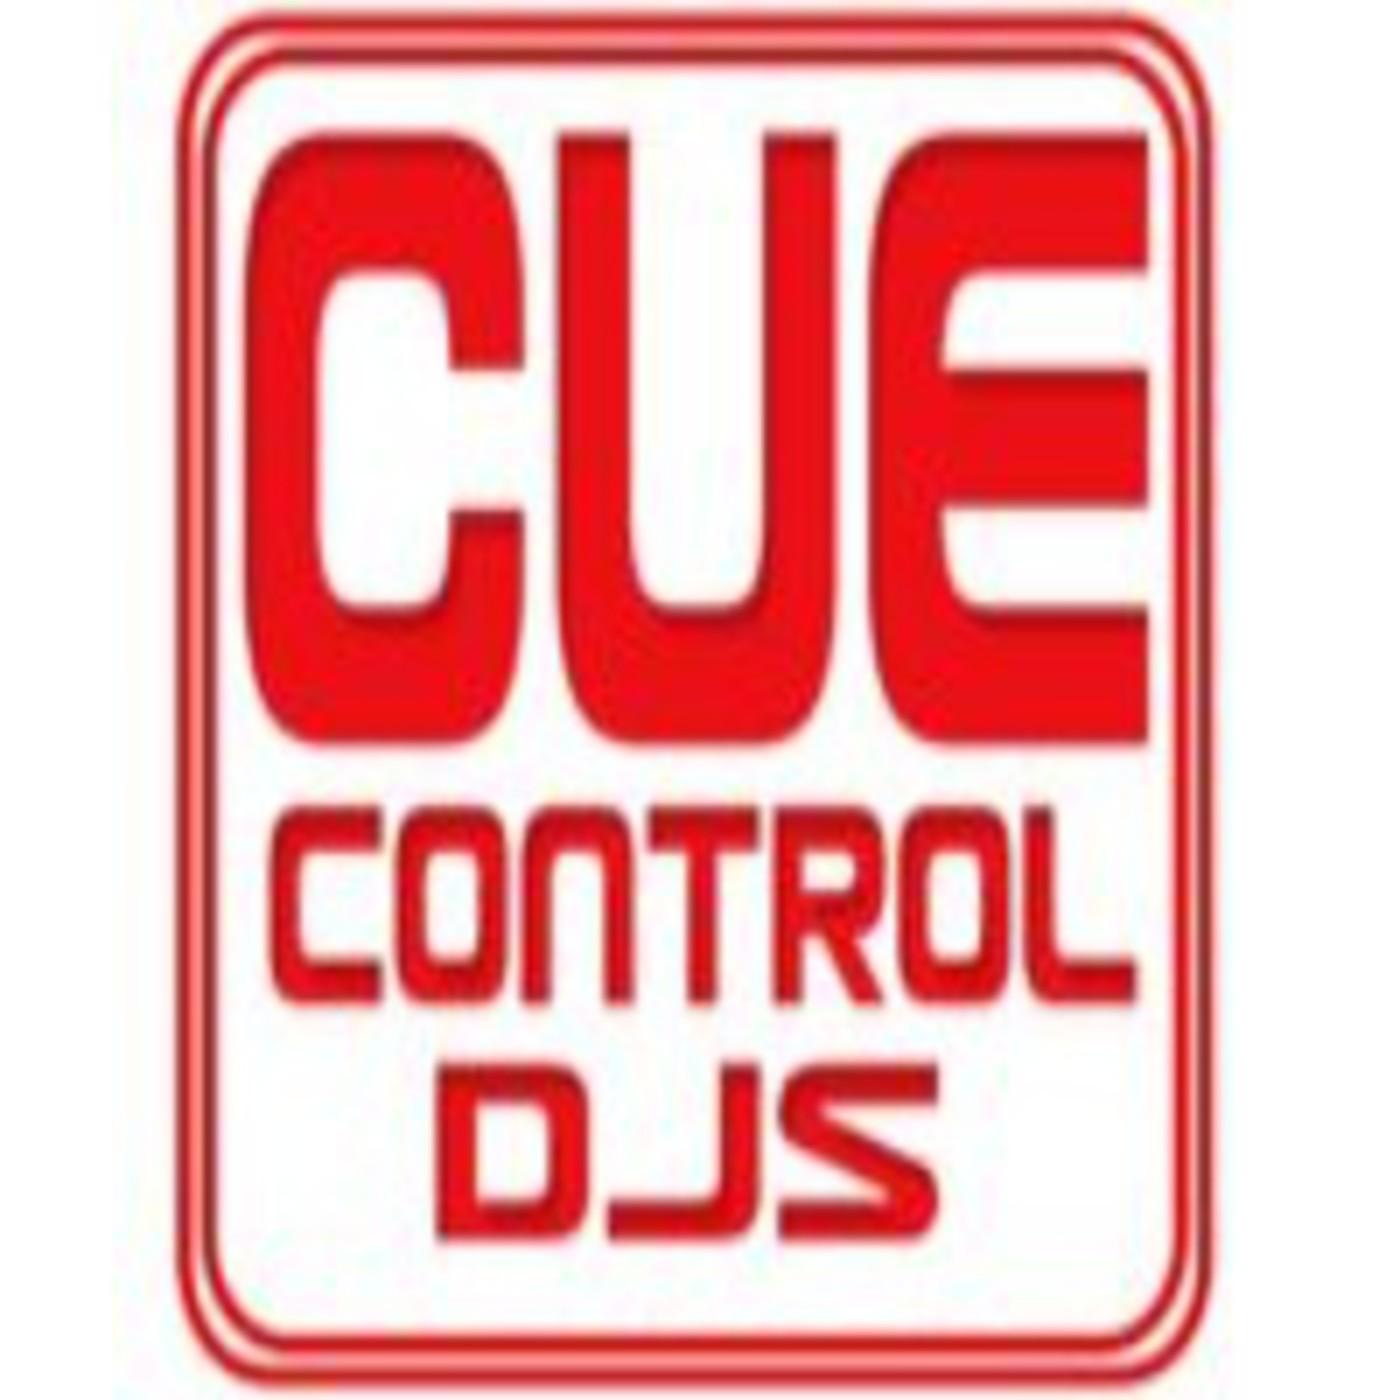 <![CDATA[SESSIONES CUE CONTROL DJS]]>